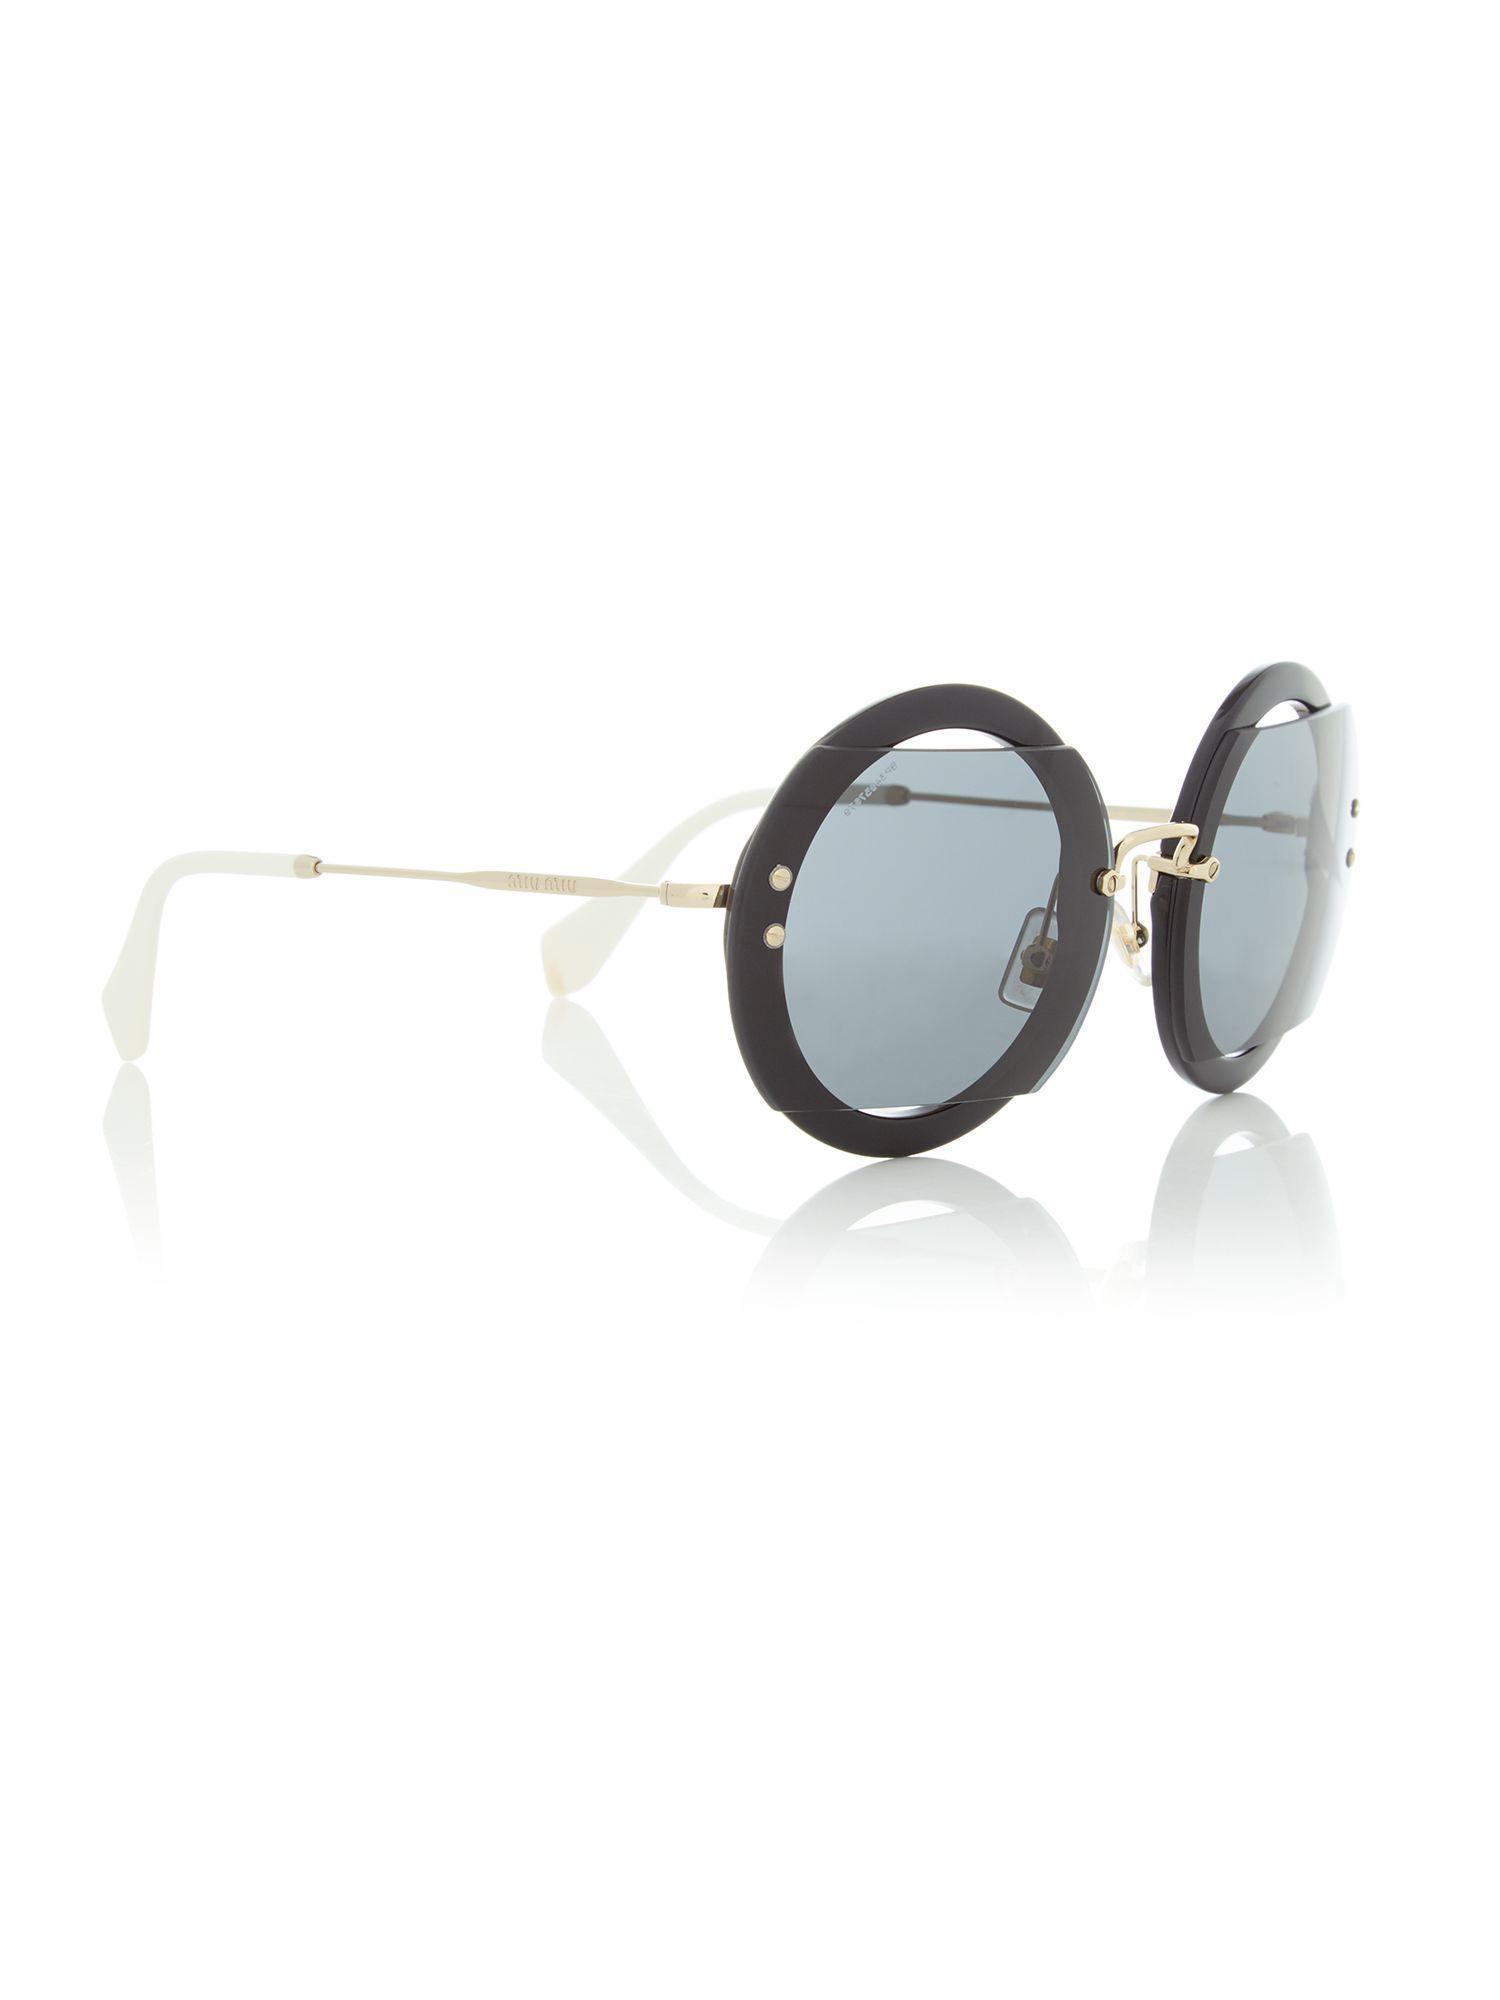 e680dc35ced75 Miu Miu Black Mu 06ss Round Sunglasses in Black - Save 21% - Lyst